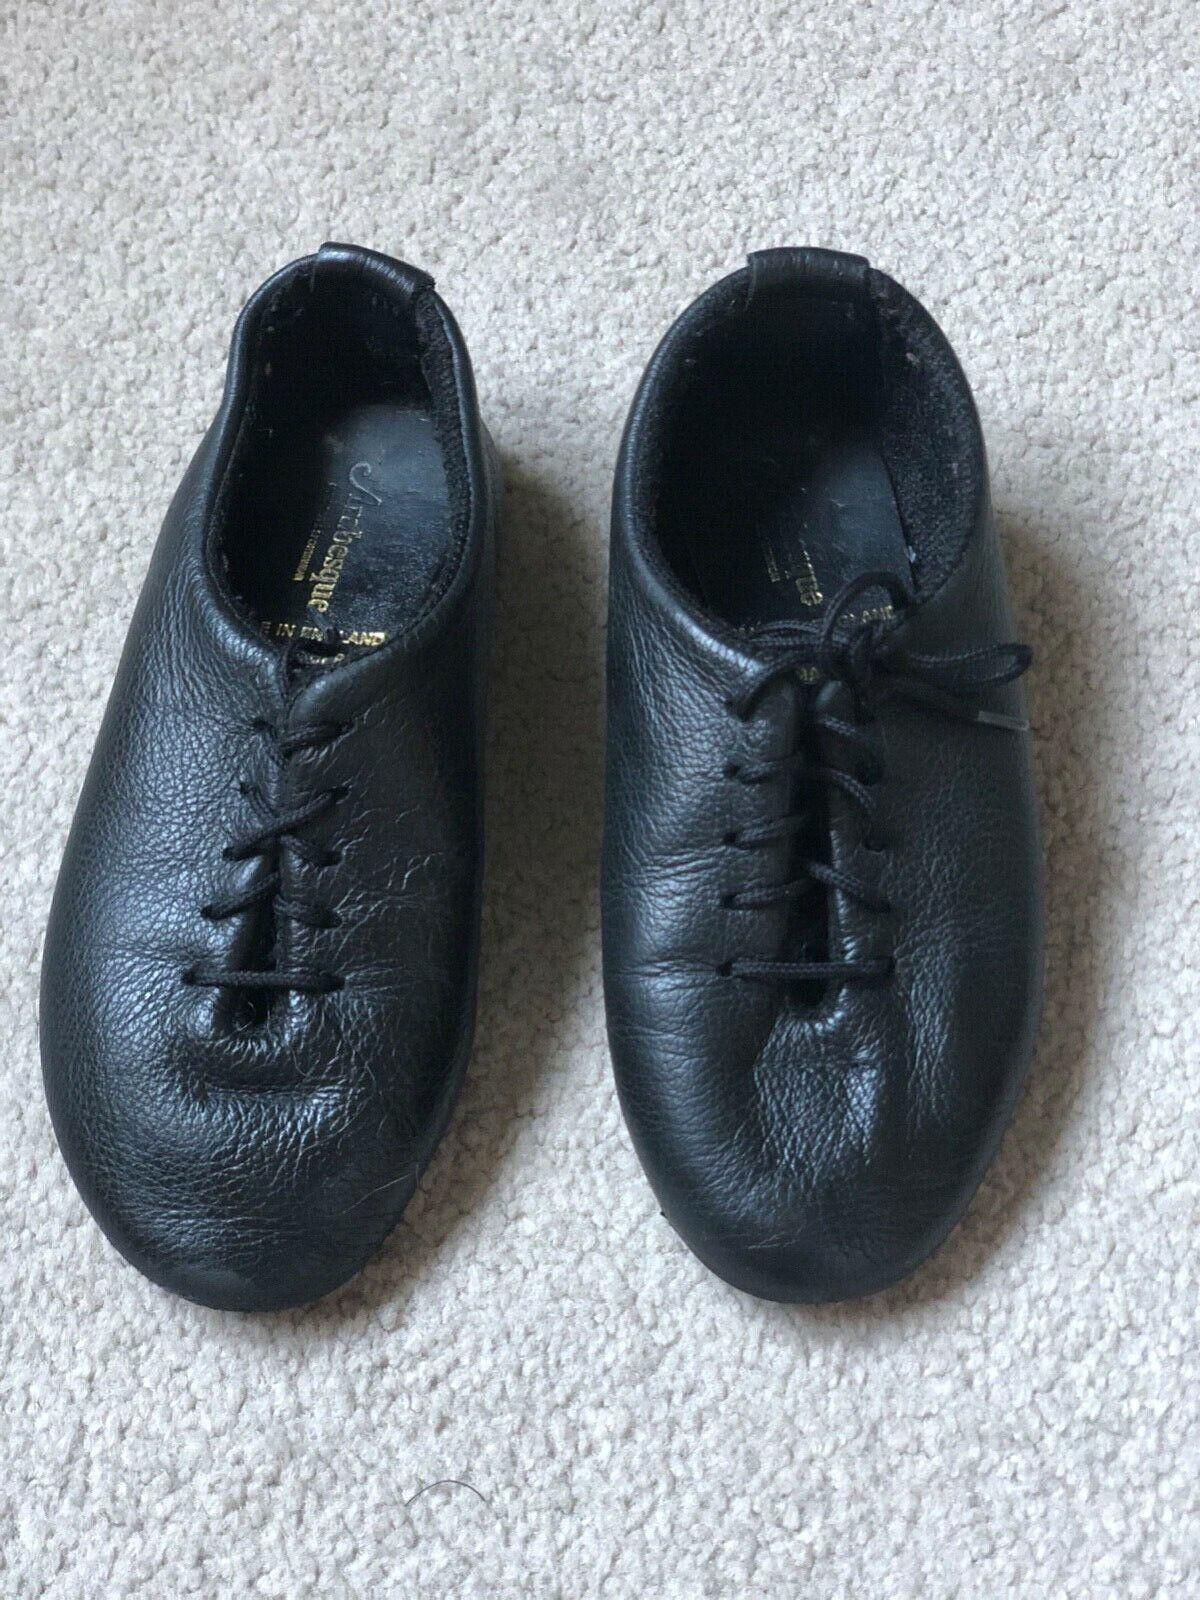 Arabesque jazz black leather shoes full sole Size 11